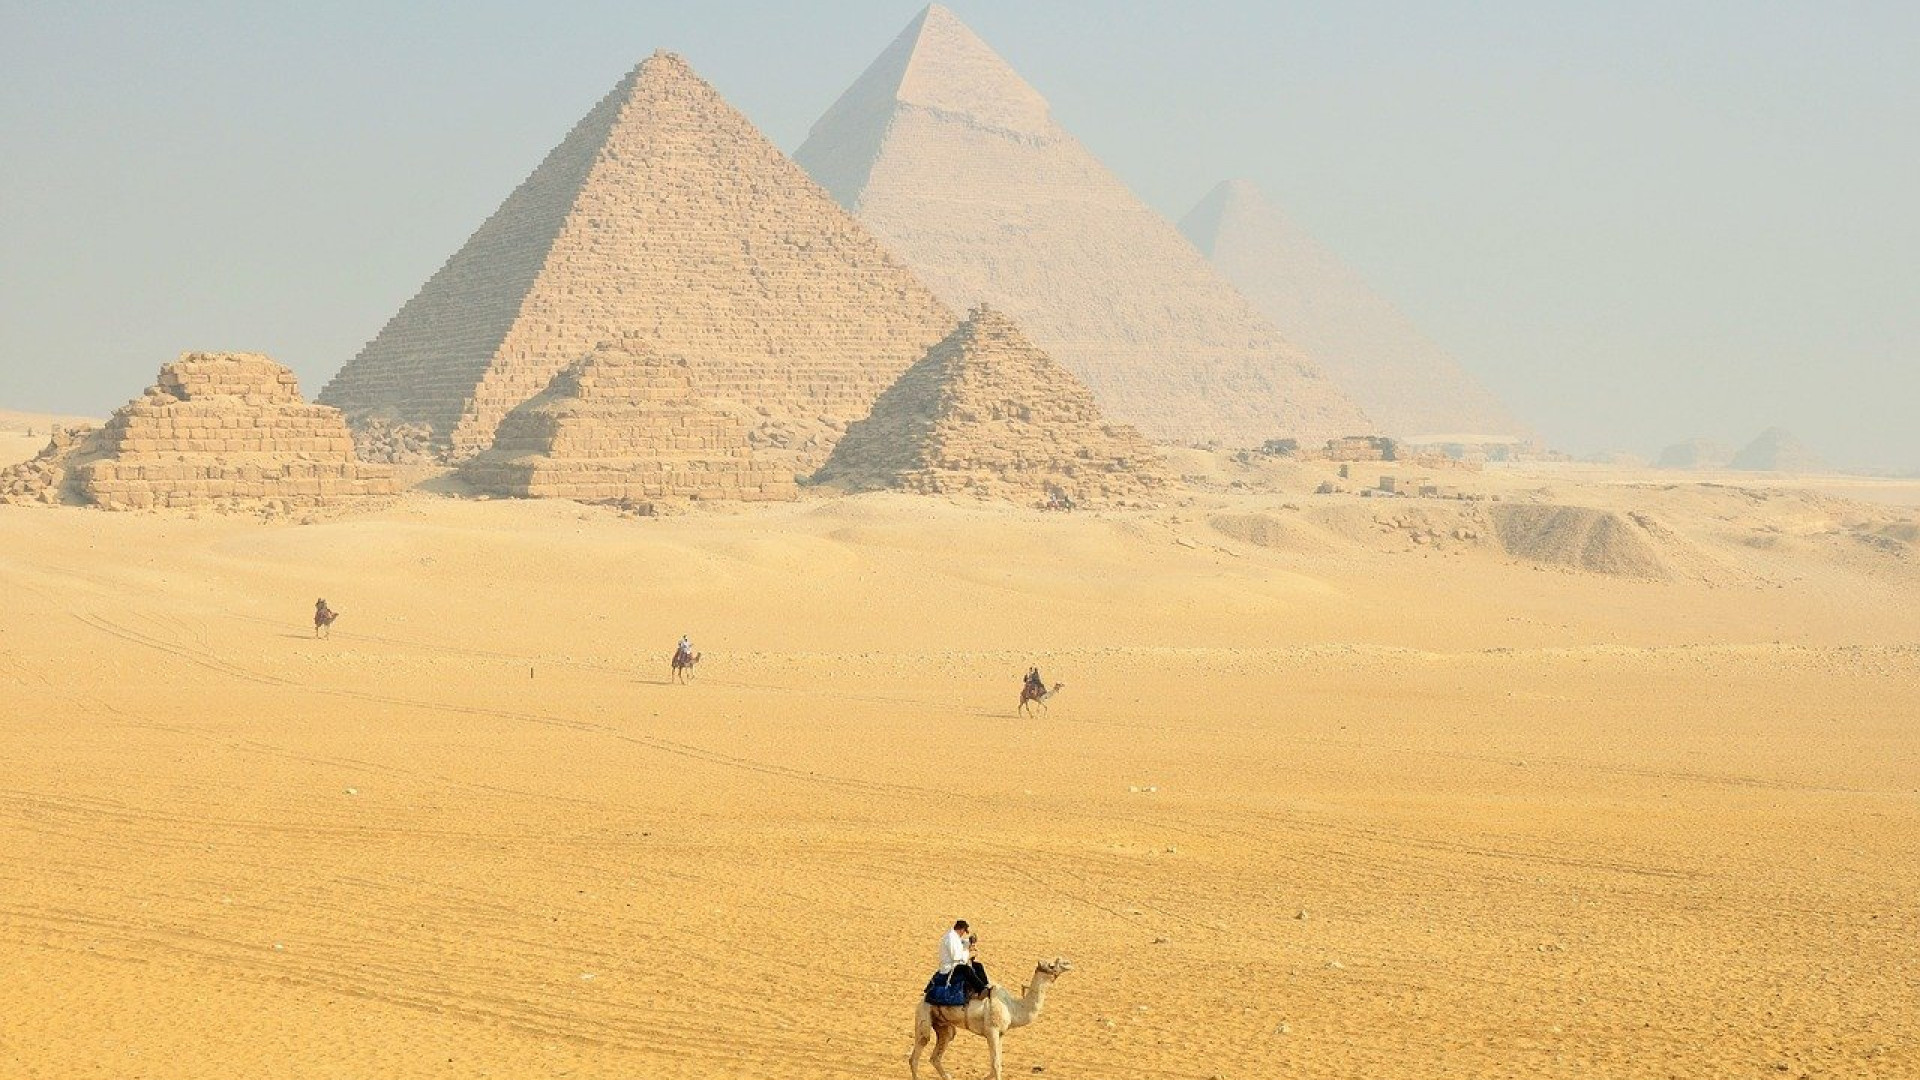 Comment préparer son voyage pour l'Egypte ?